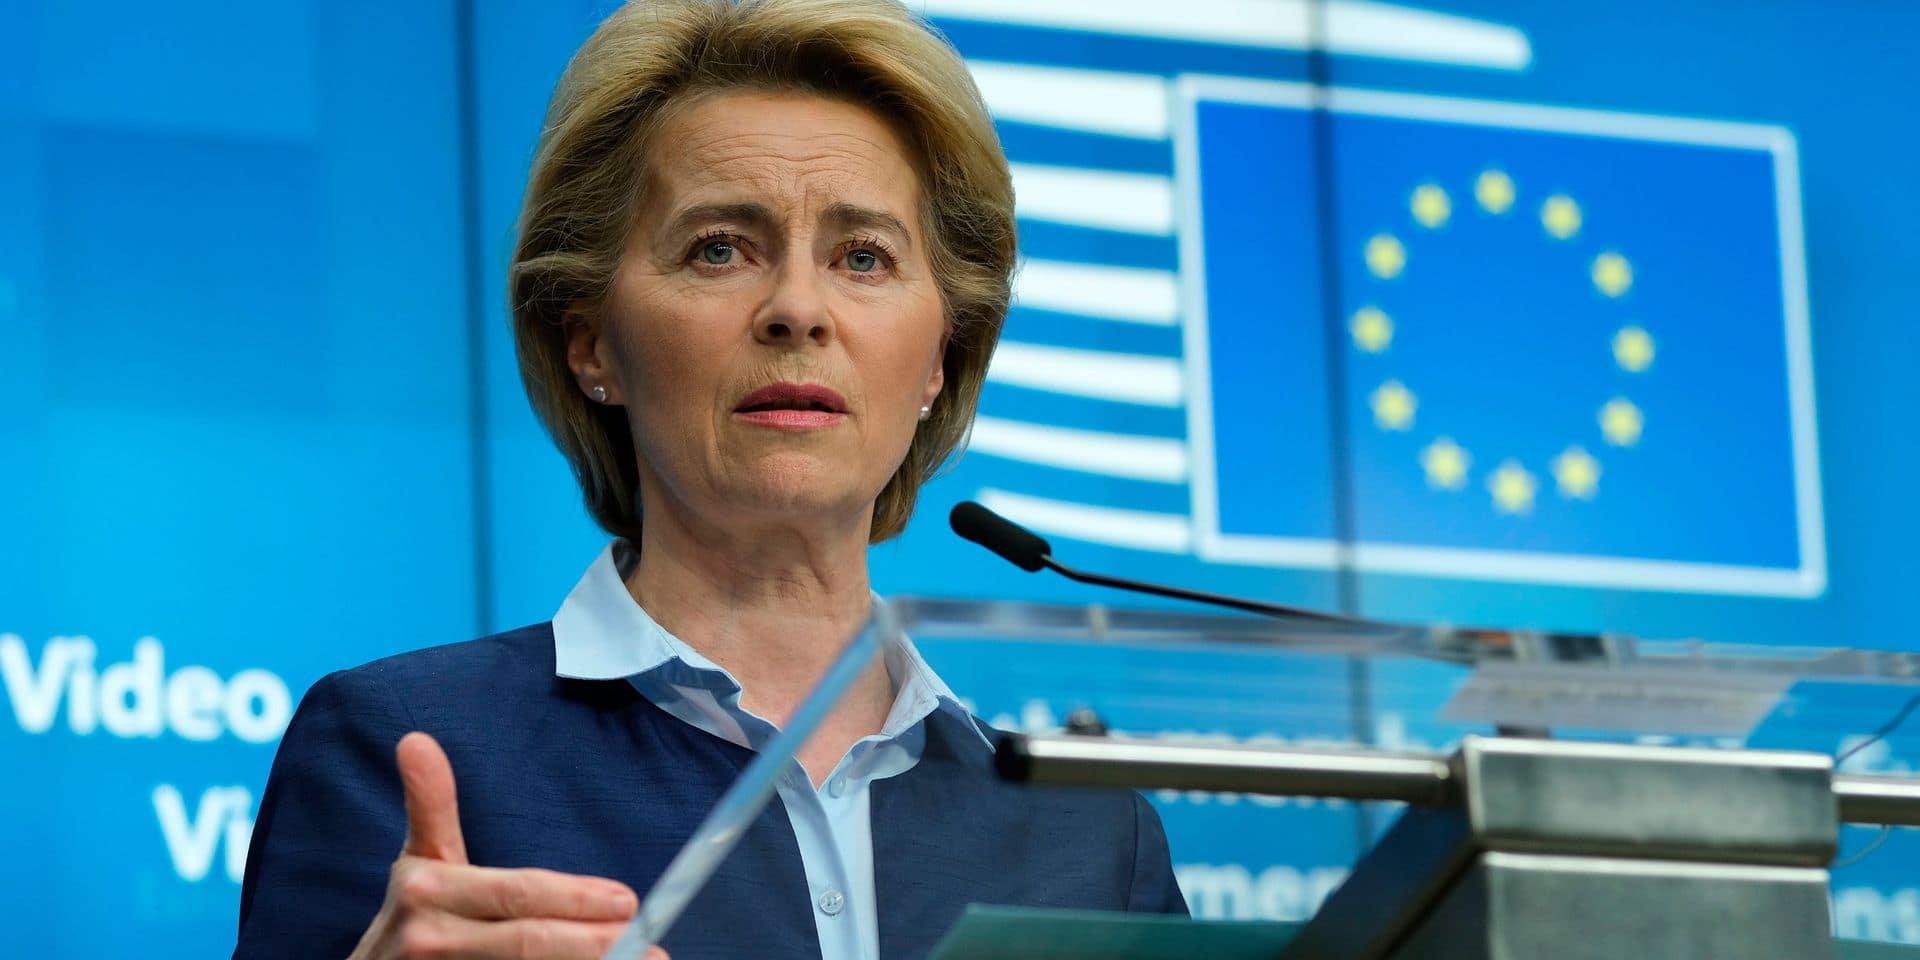 Le jugement de la Cour de Karlsruhe n'a pas fini d'embarrasser les institutions de l'Union européenne